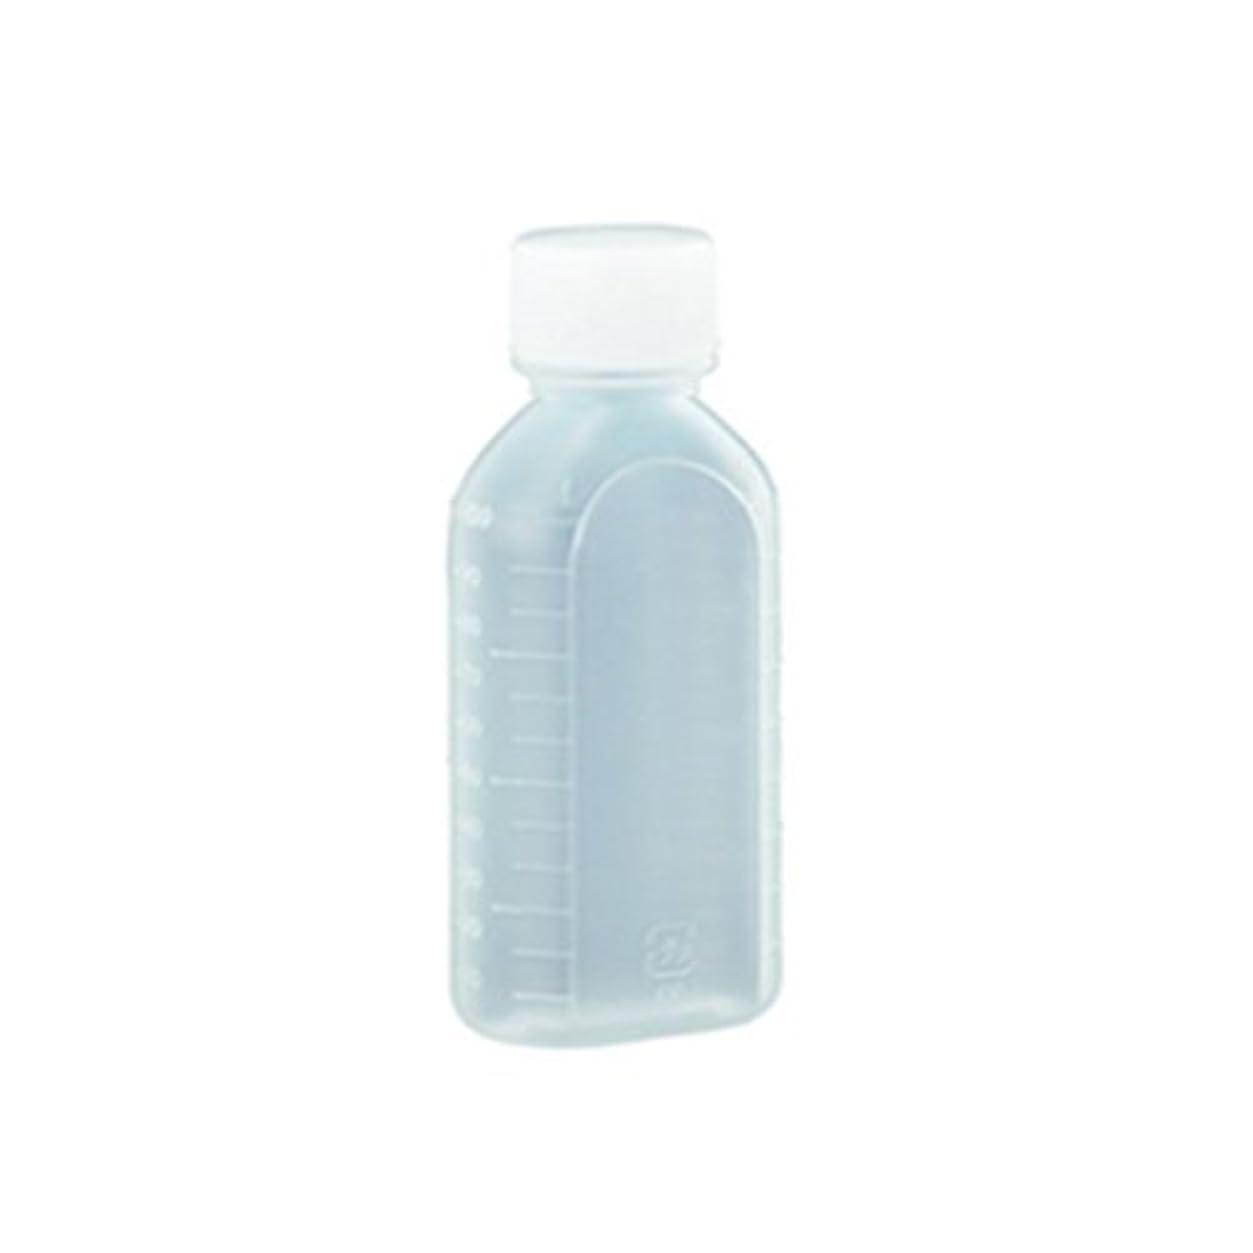 テーブル解釈欲しいですB型投薬瓶 白 (60ml) 50本